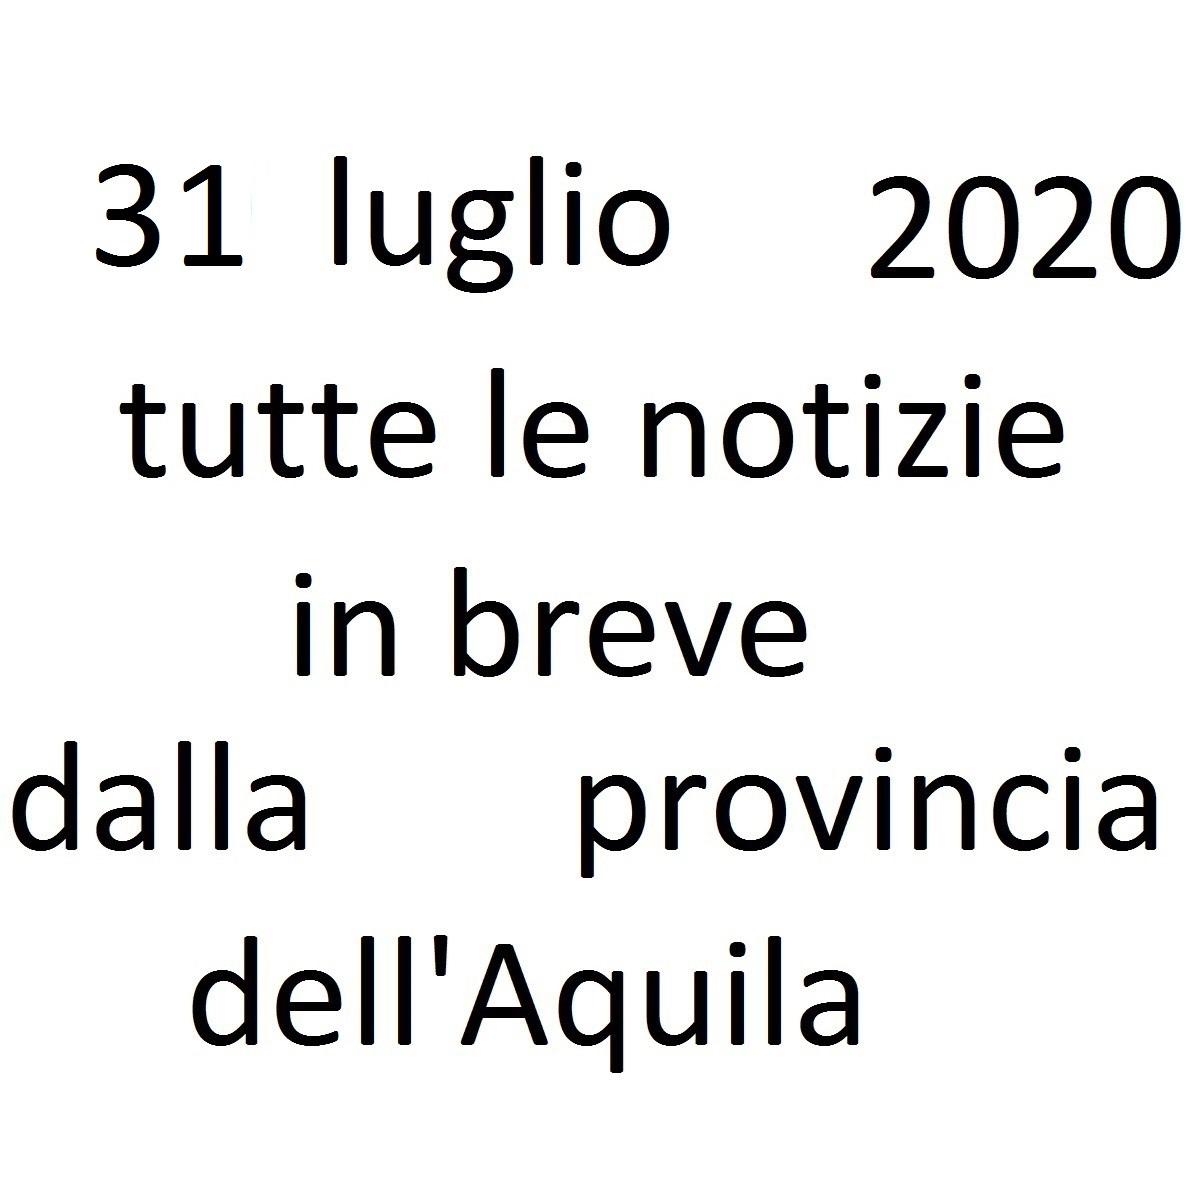 31 luglio 2020 notizie in breve dalla Provincia dell'Aquila foto